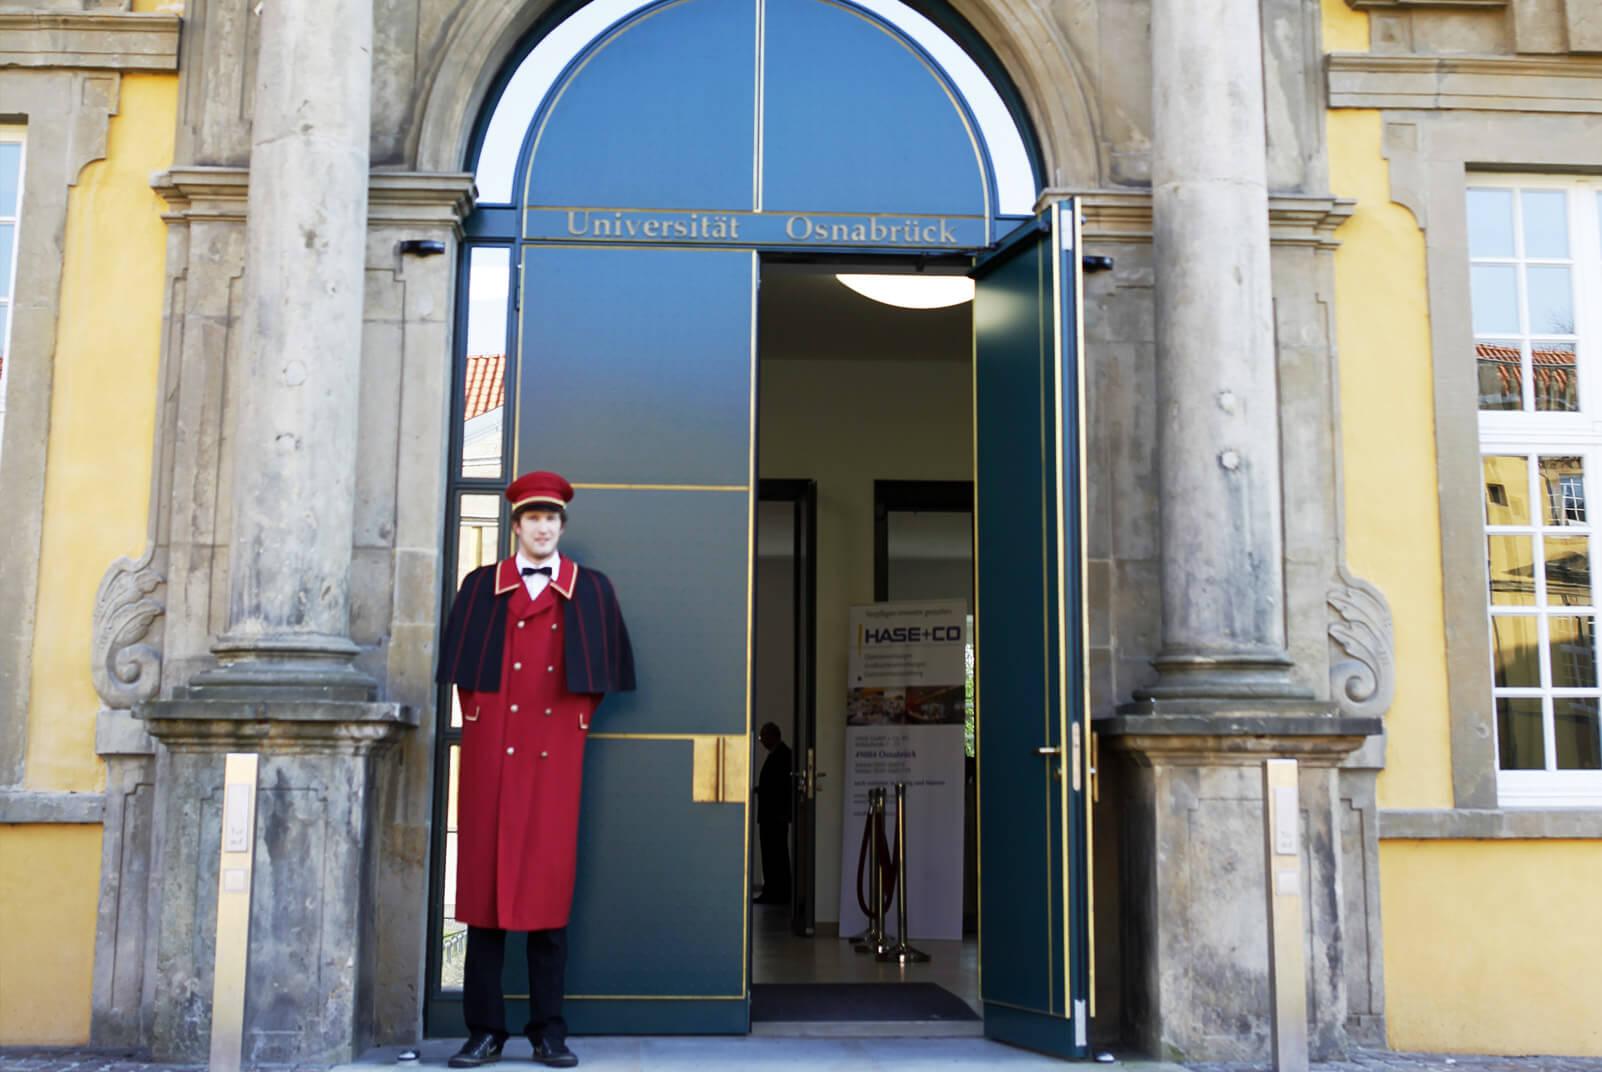 Portier vor der Universität Osnabrück